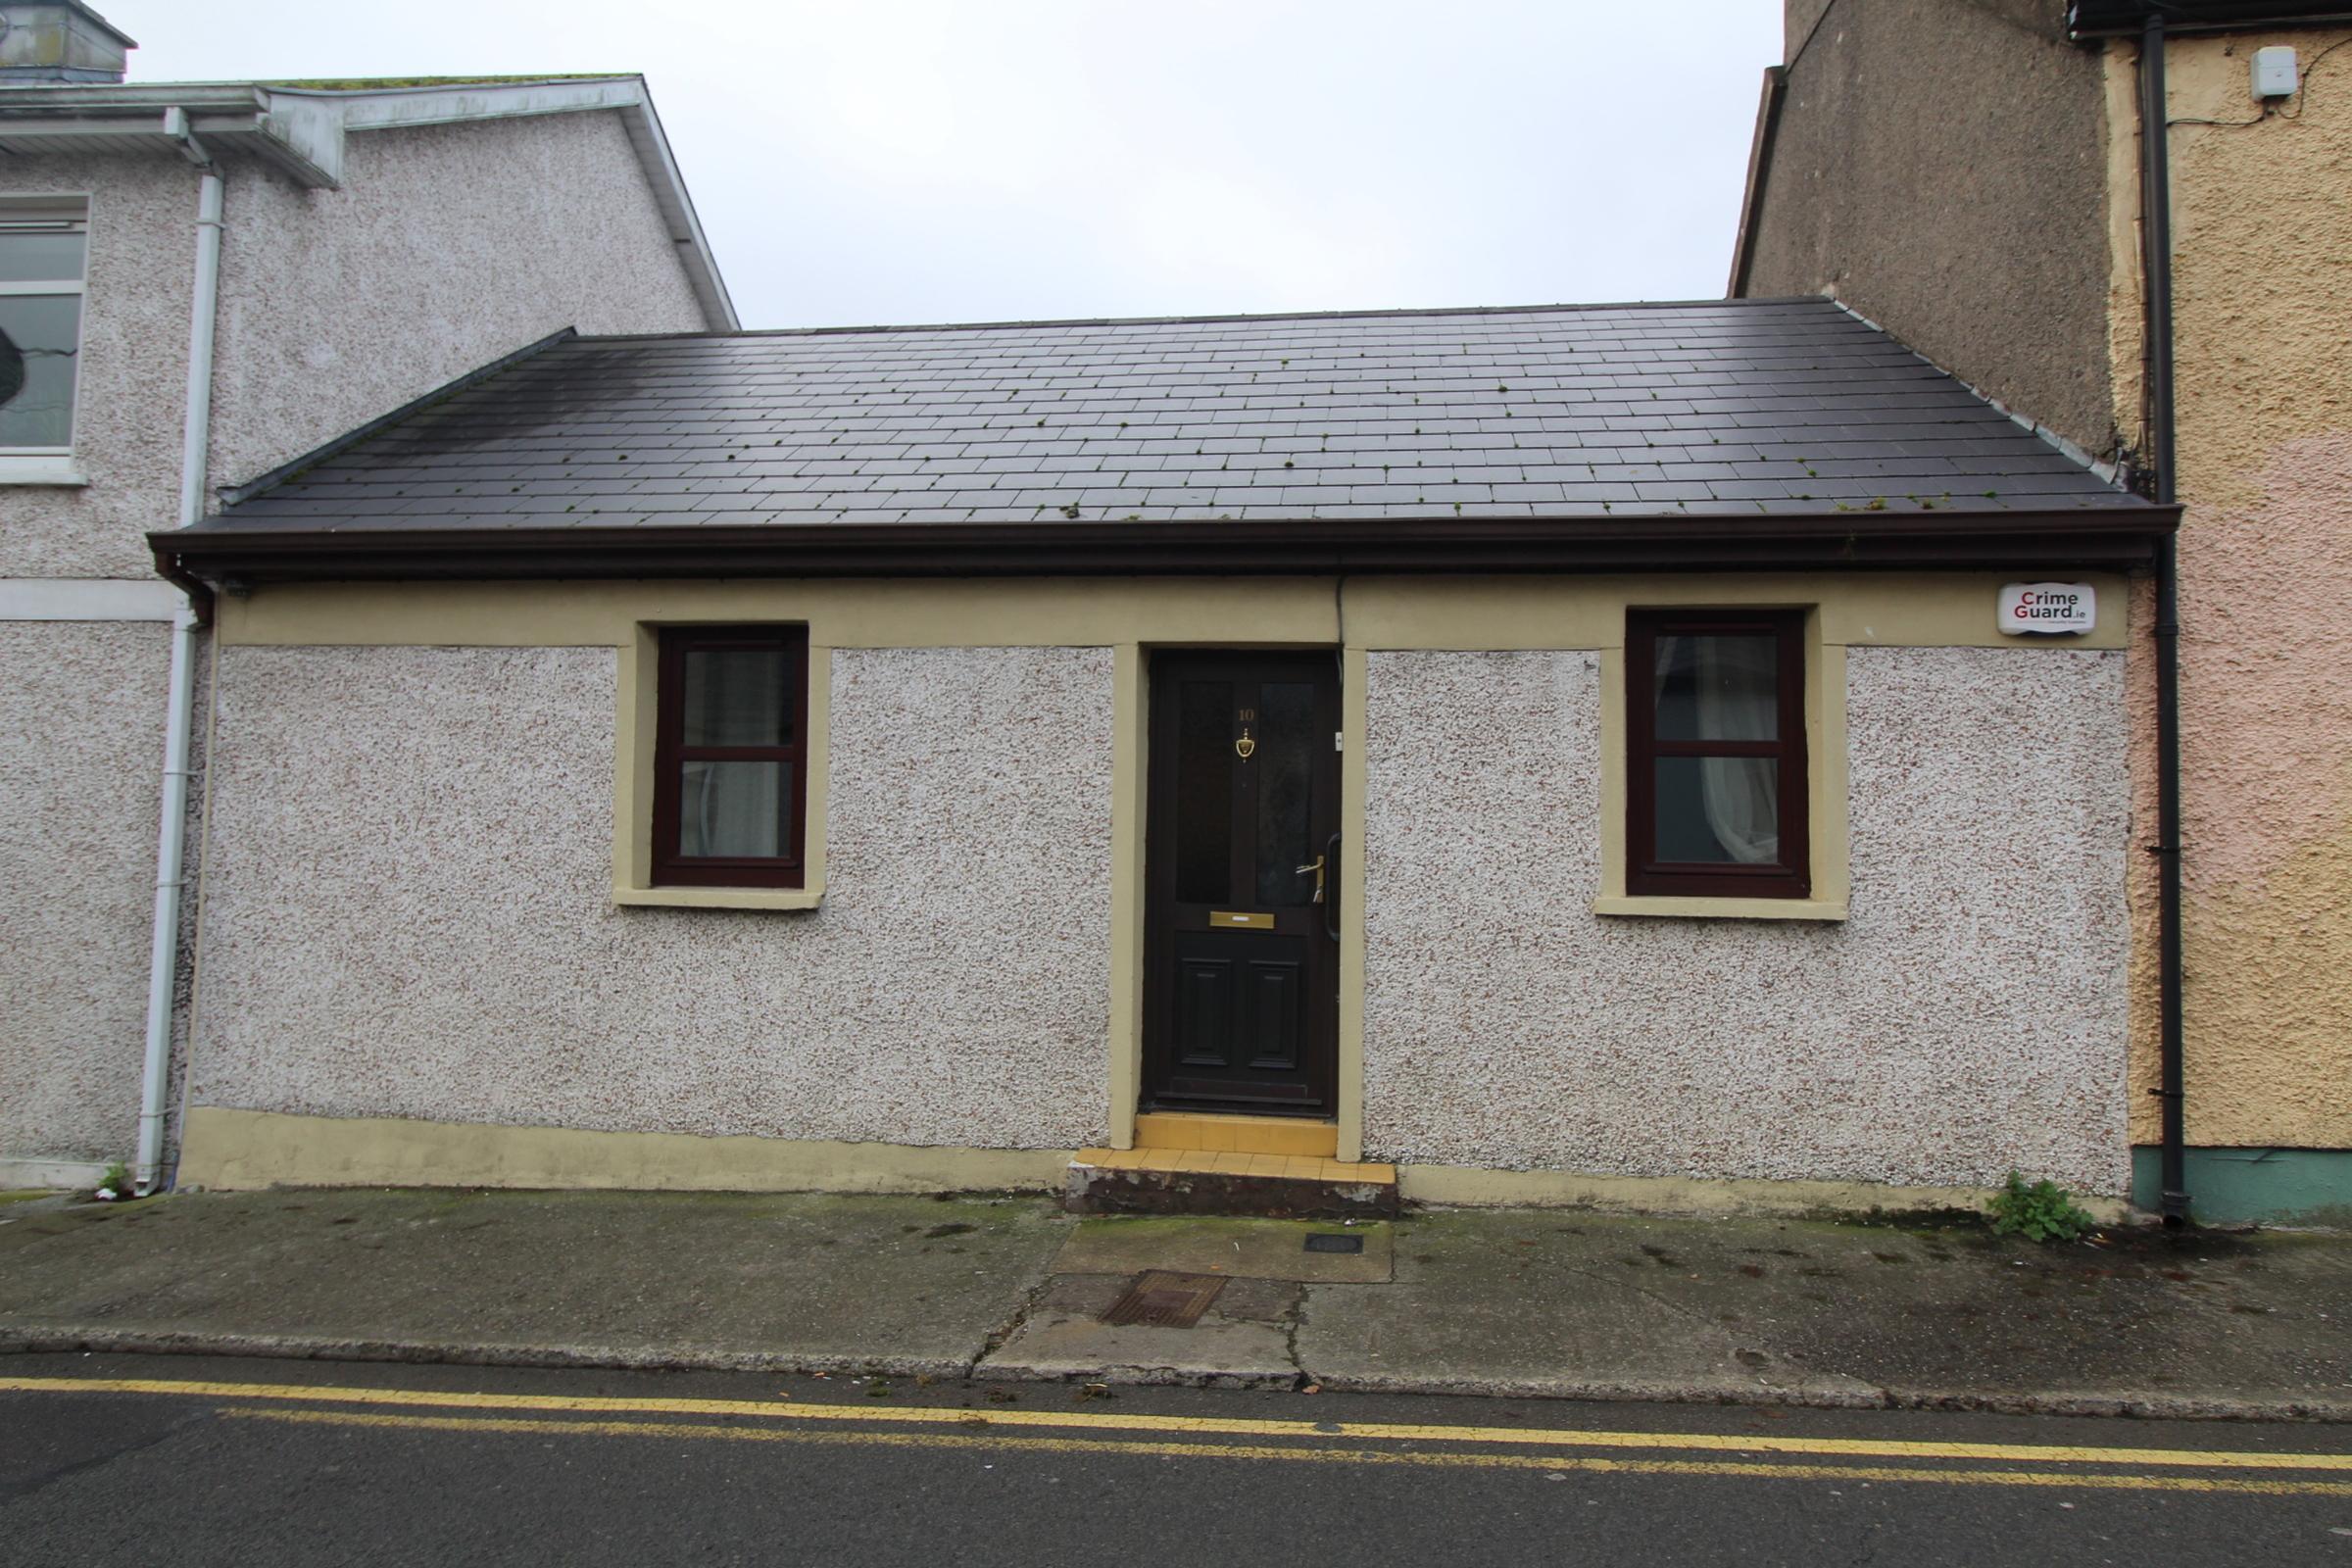 10 Fair Street West, Mallow, Co. Cork